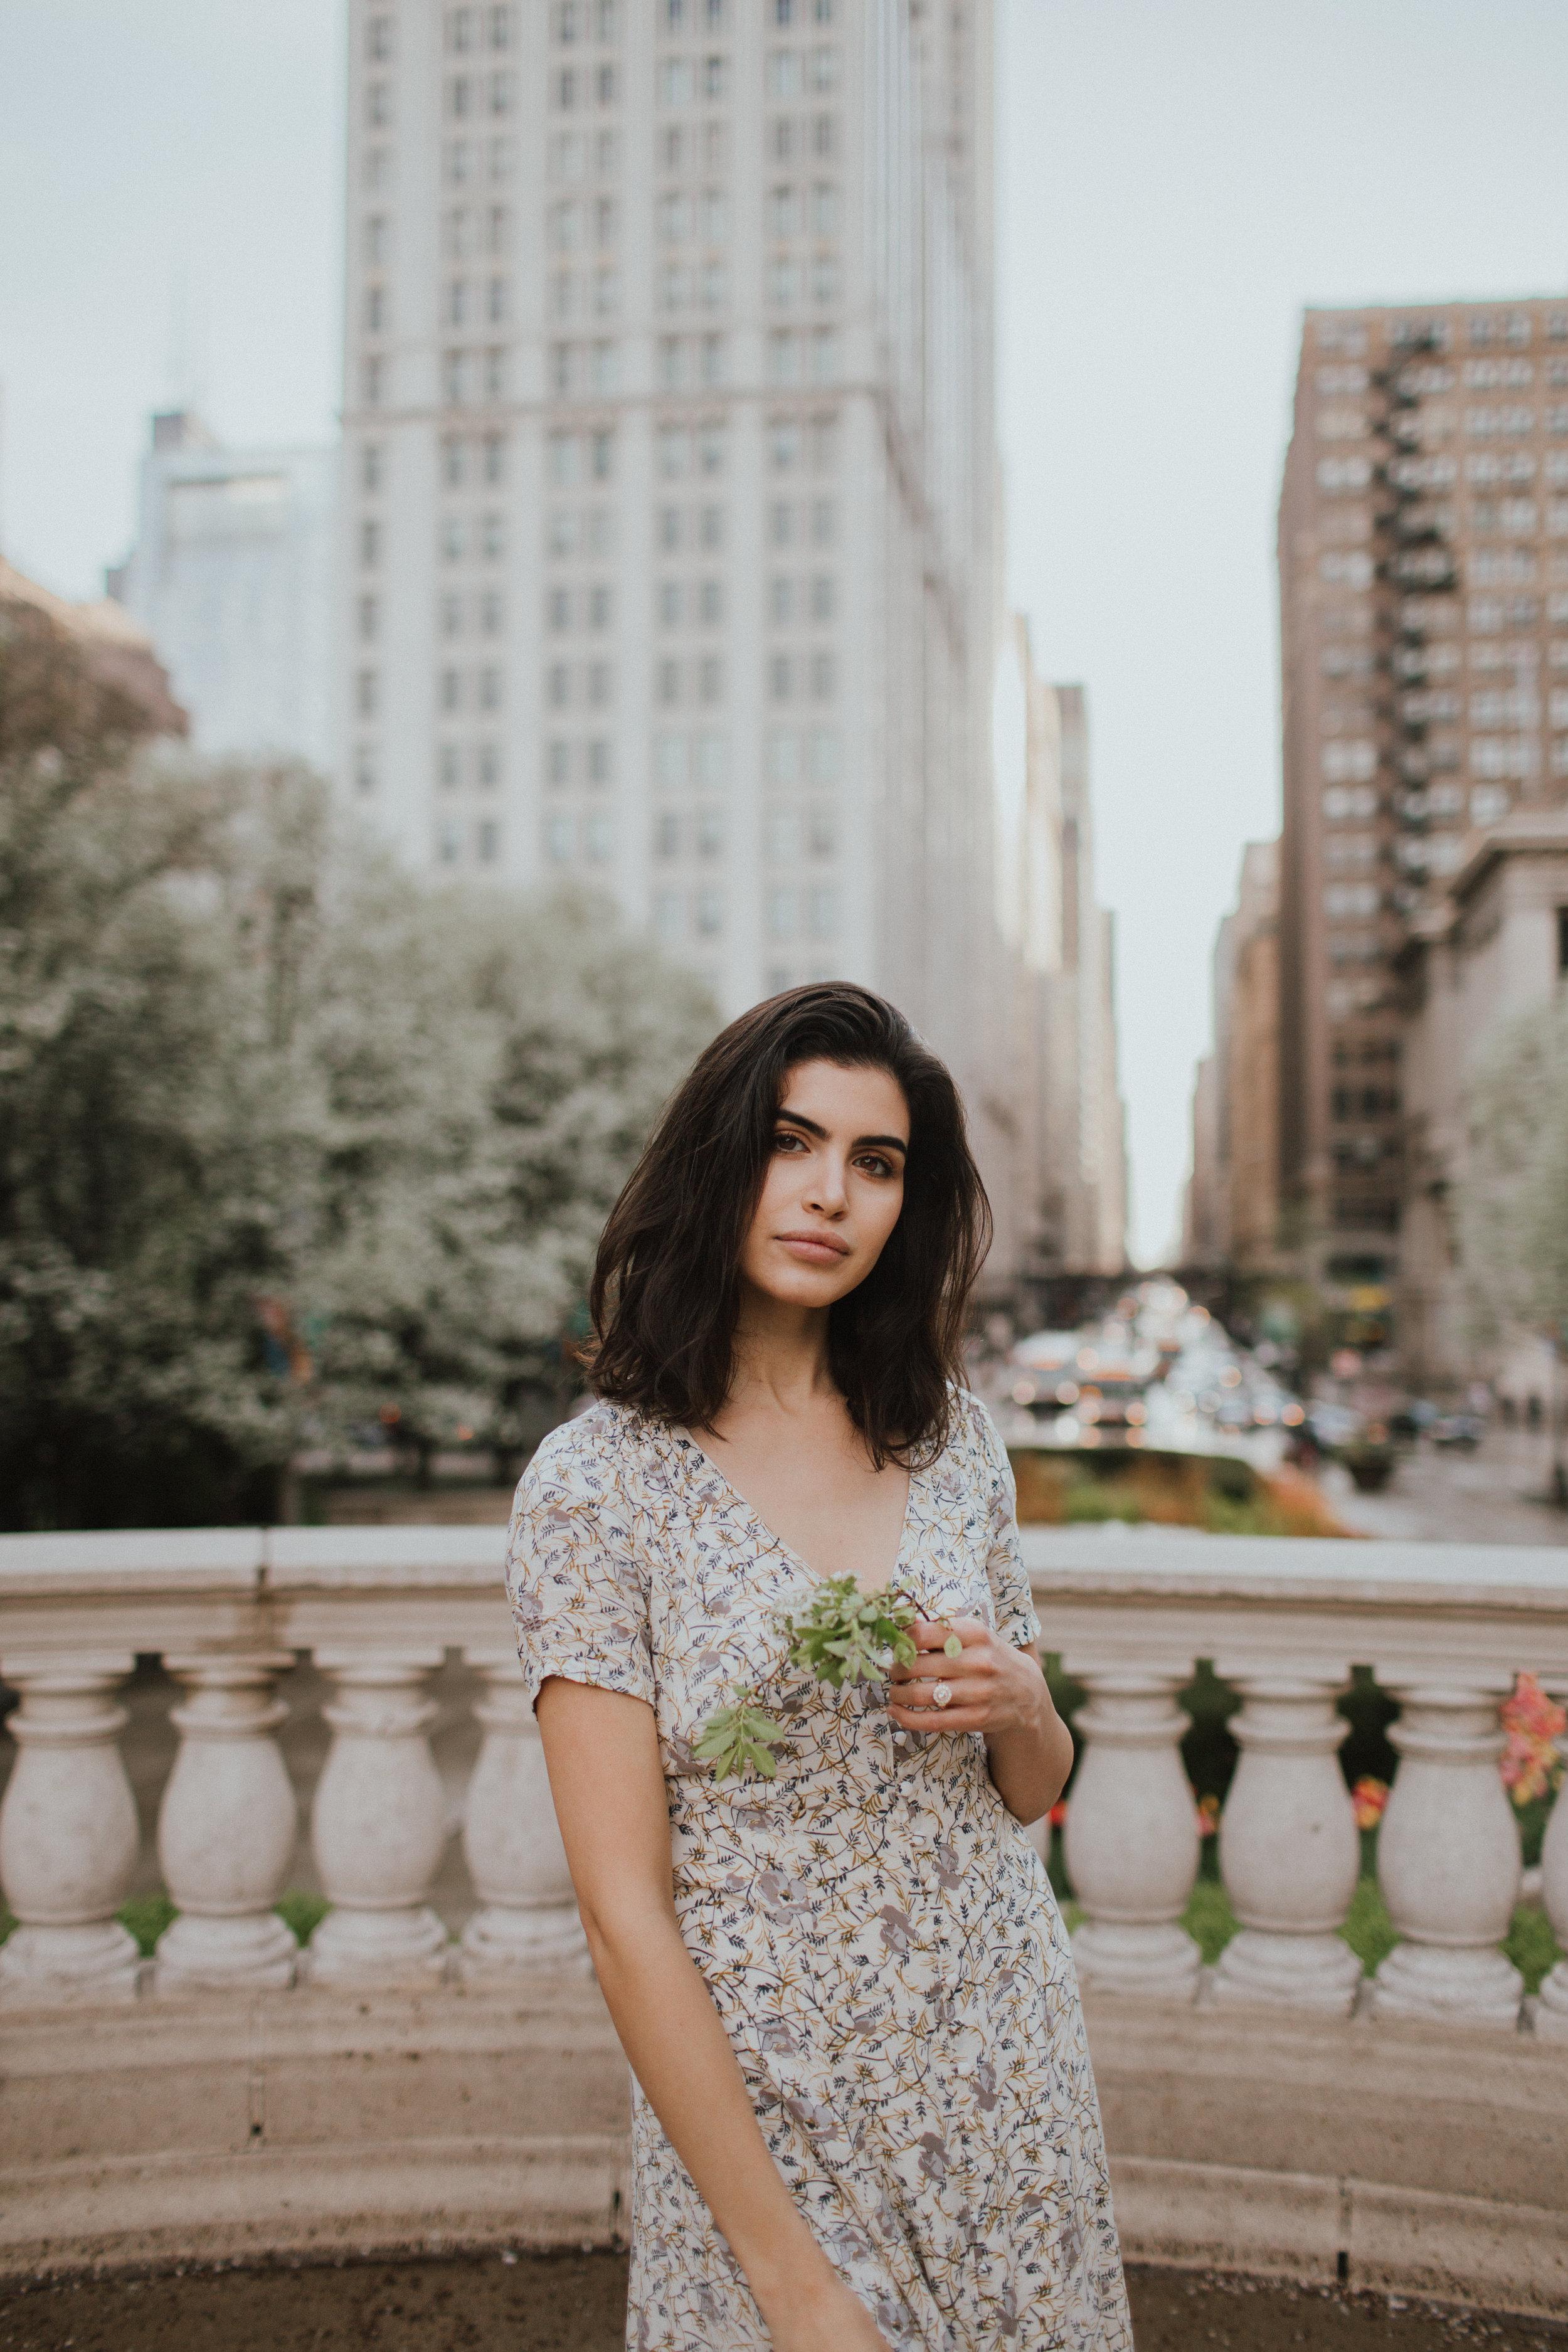 Sara_Spring-44.jpg